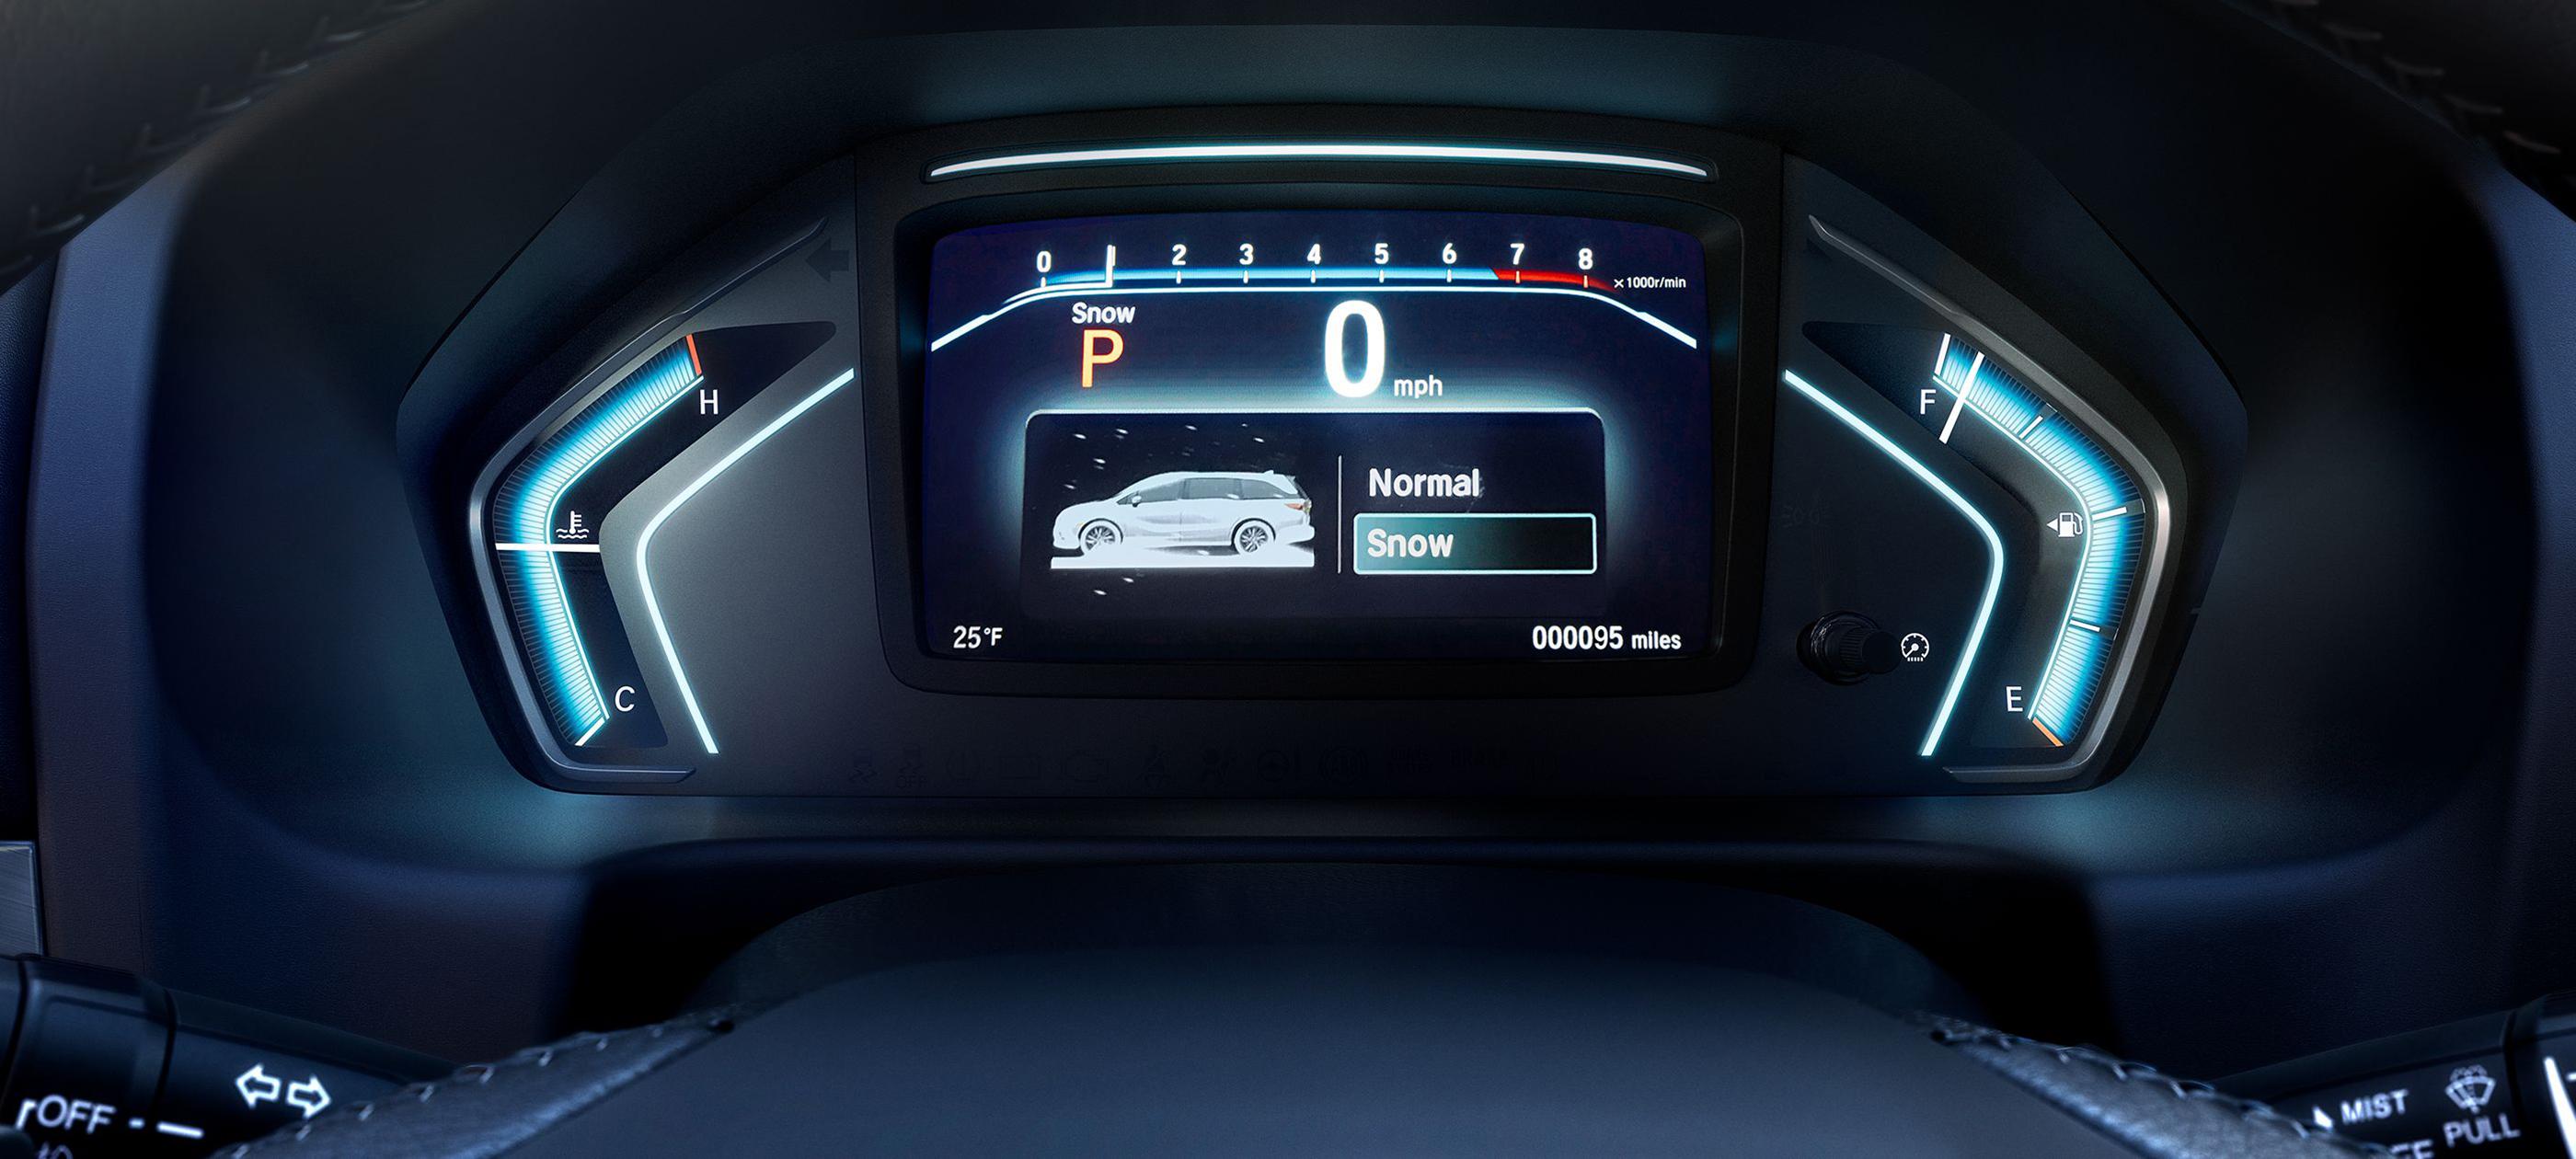 Interfaz digital de información para el conductor